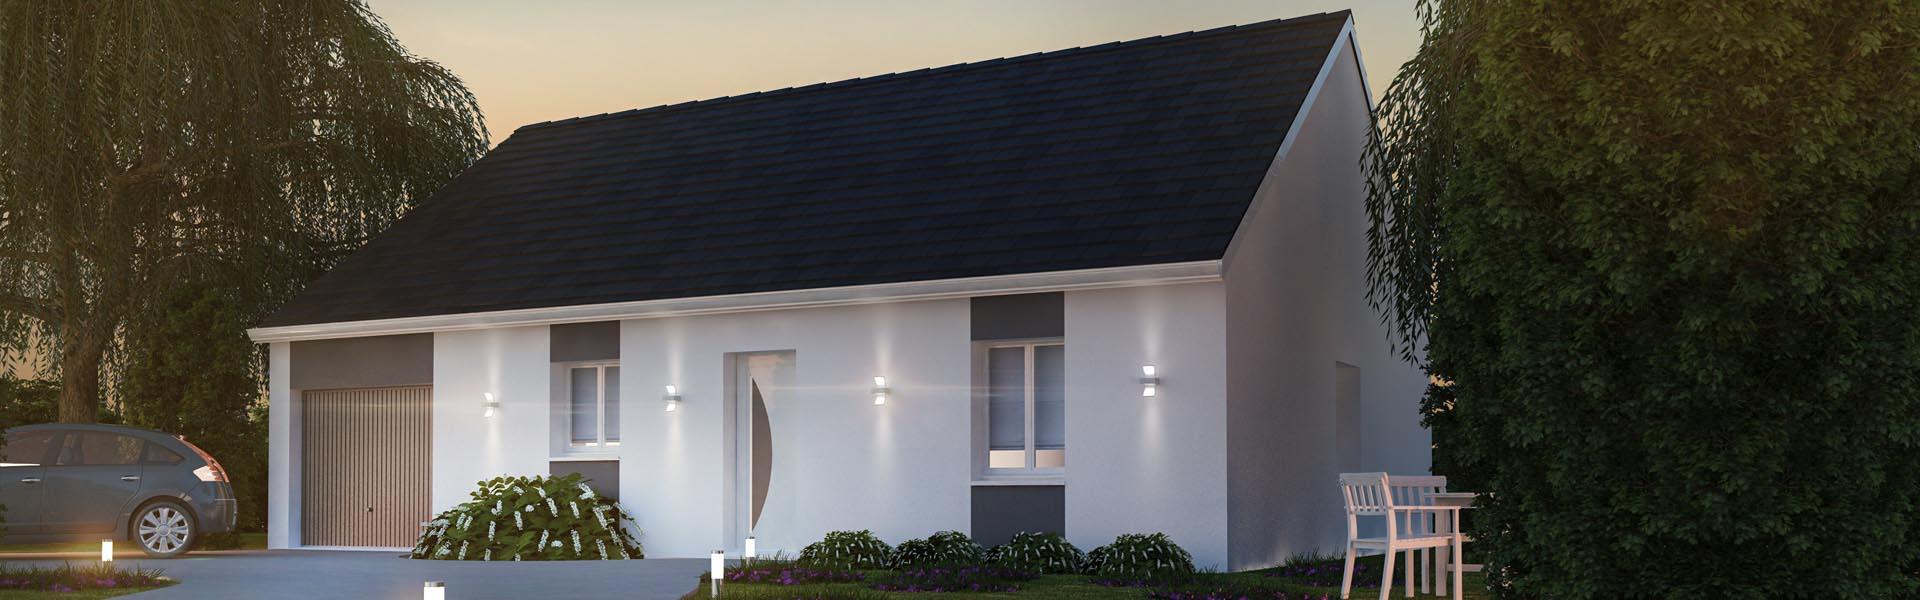 constructeur et promoteur sur le département 37 maison individuelle rénovation agence TTI 25 ans d'expériences